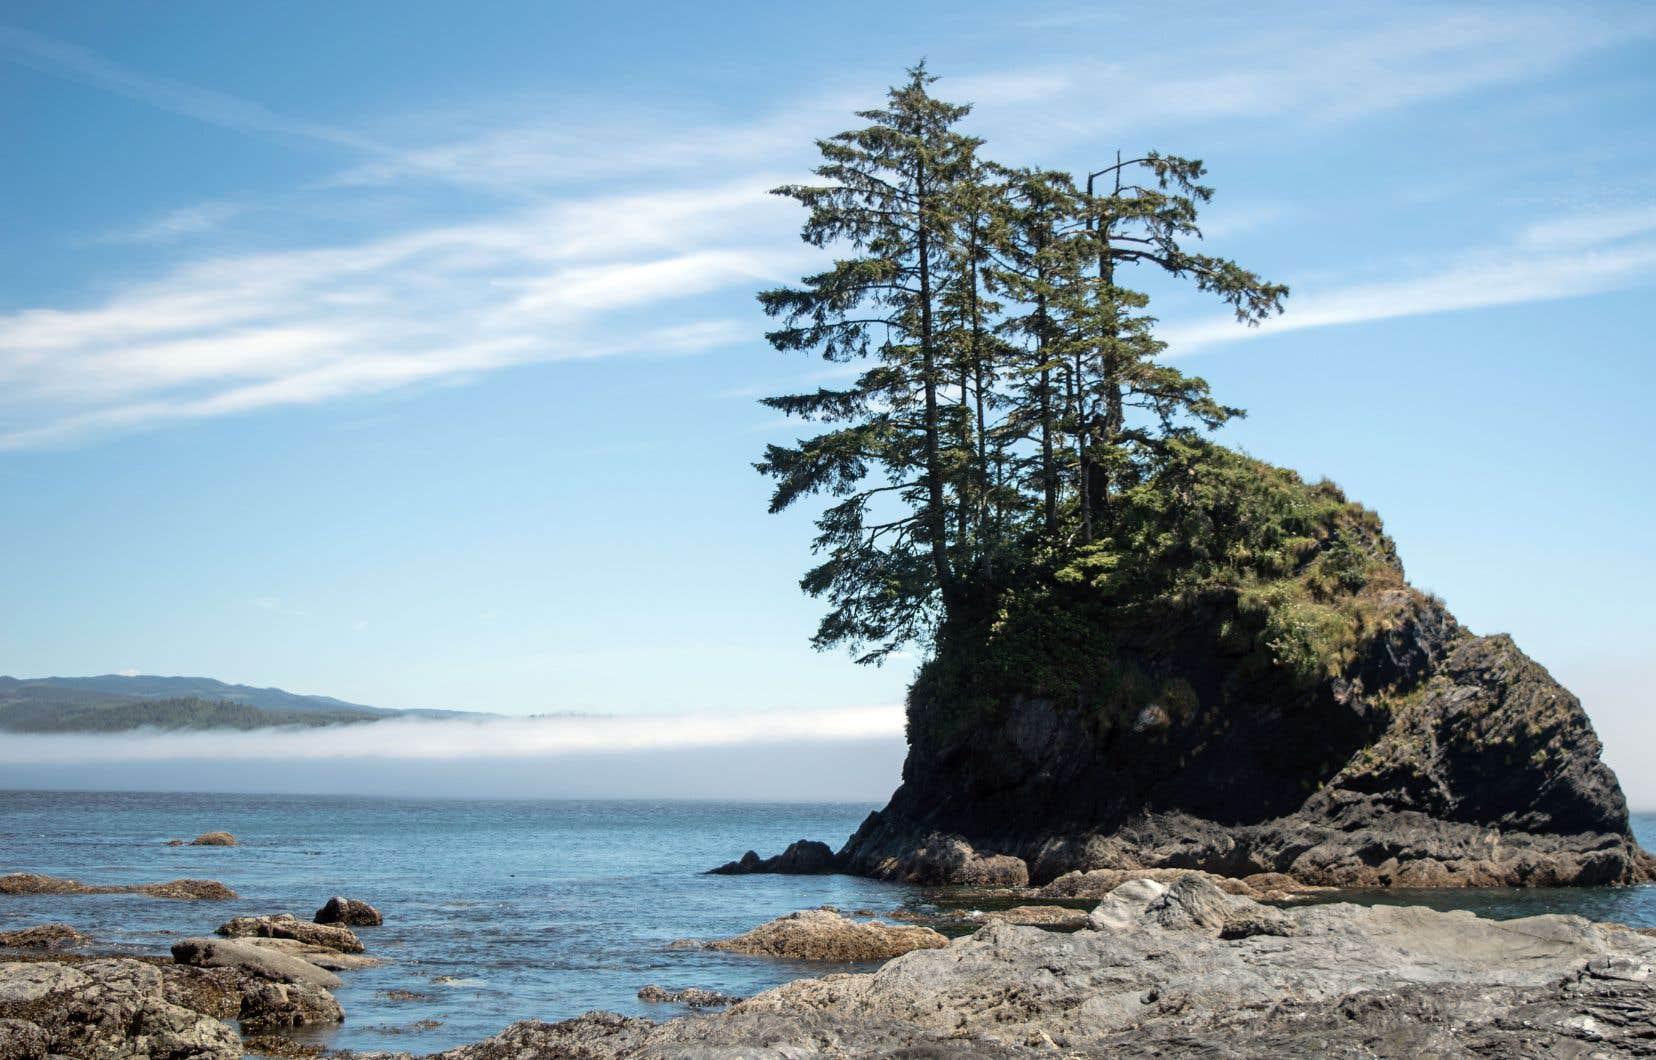 Une des plus belles sections est la Pointe Owen, avec son petit îlot échevelé de conifères.